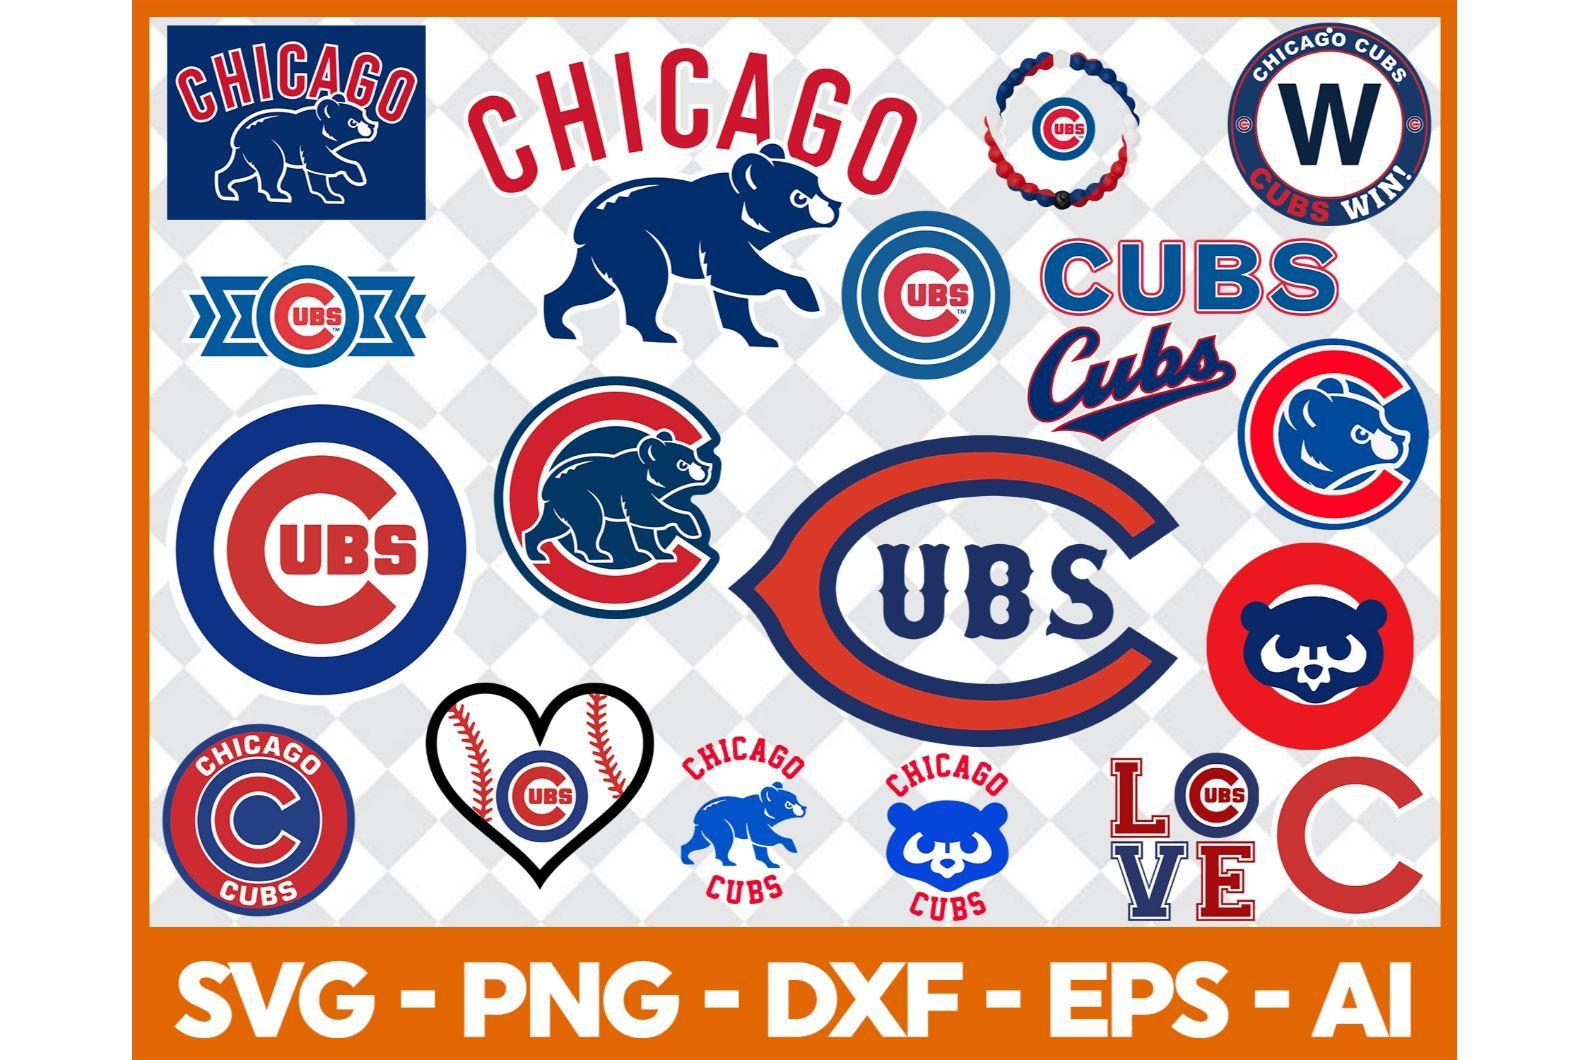 Chicago Cubs Mlb Svg Baseball Svg File Baseball Logo Mlb Fabric Mlb Baseball Mlb Svg Baseball Chi In 2020 Chicago Cubs Cubs Shirts Chicago Cubs Shirts